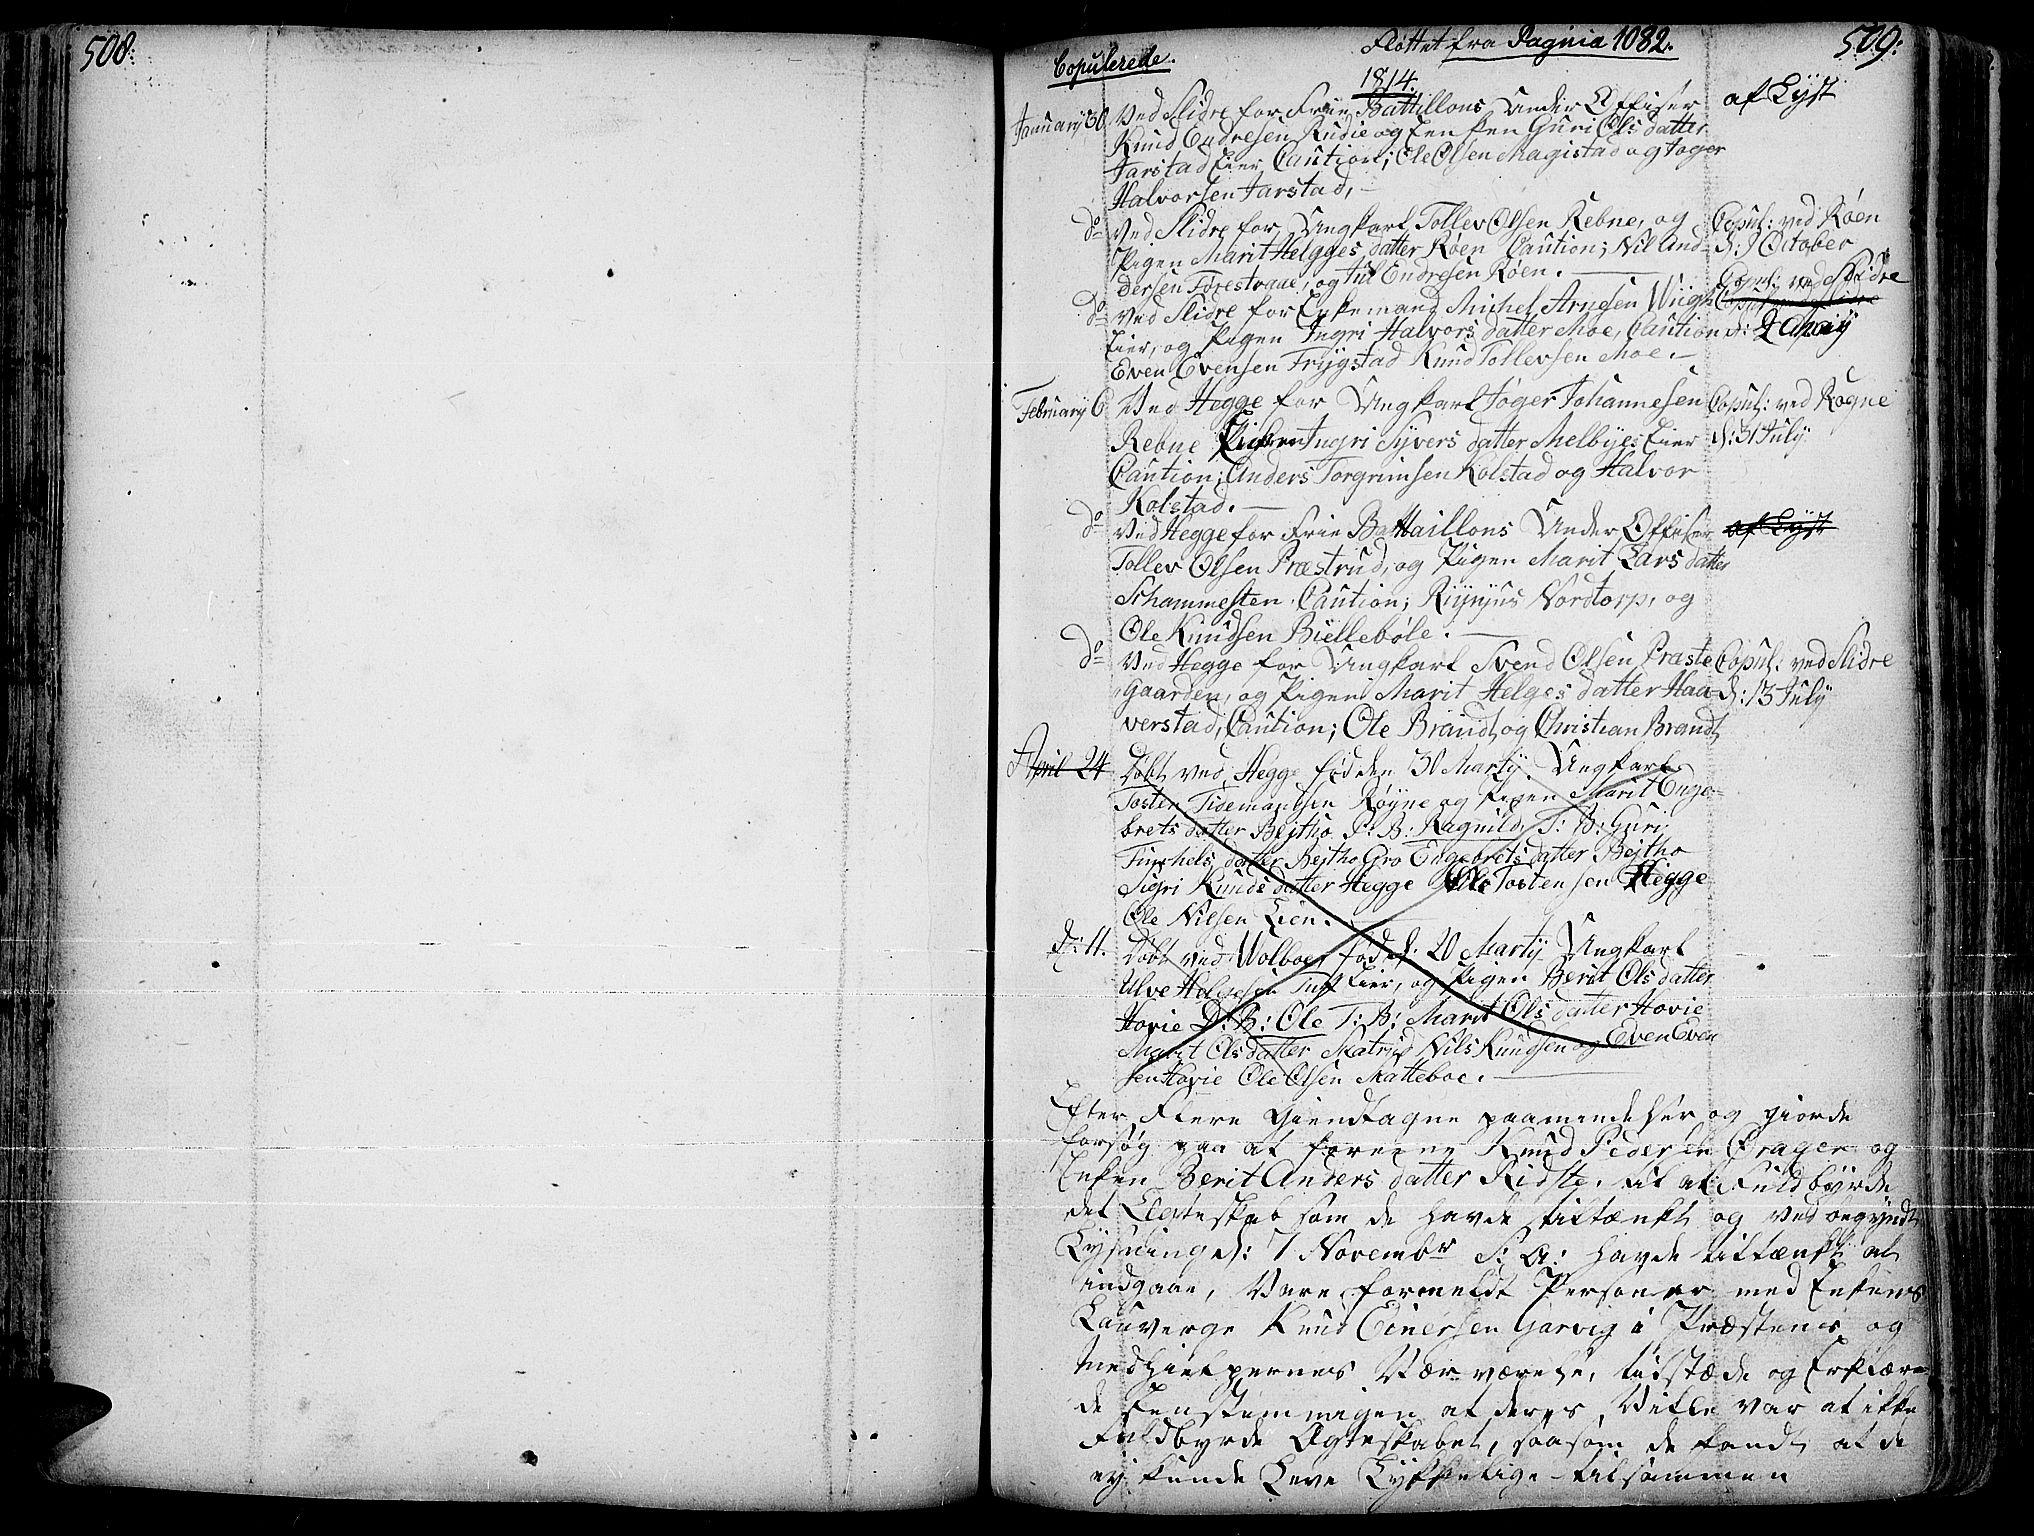 SAH, Slidre prestekontor, Ministerialbok nr. 1, 1724-1814, s. 508-509